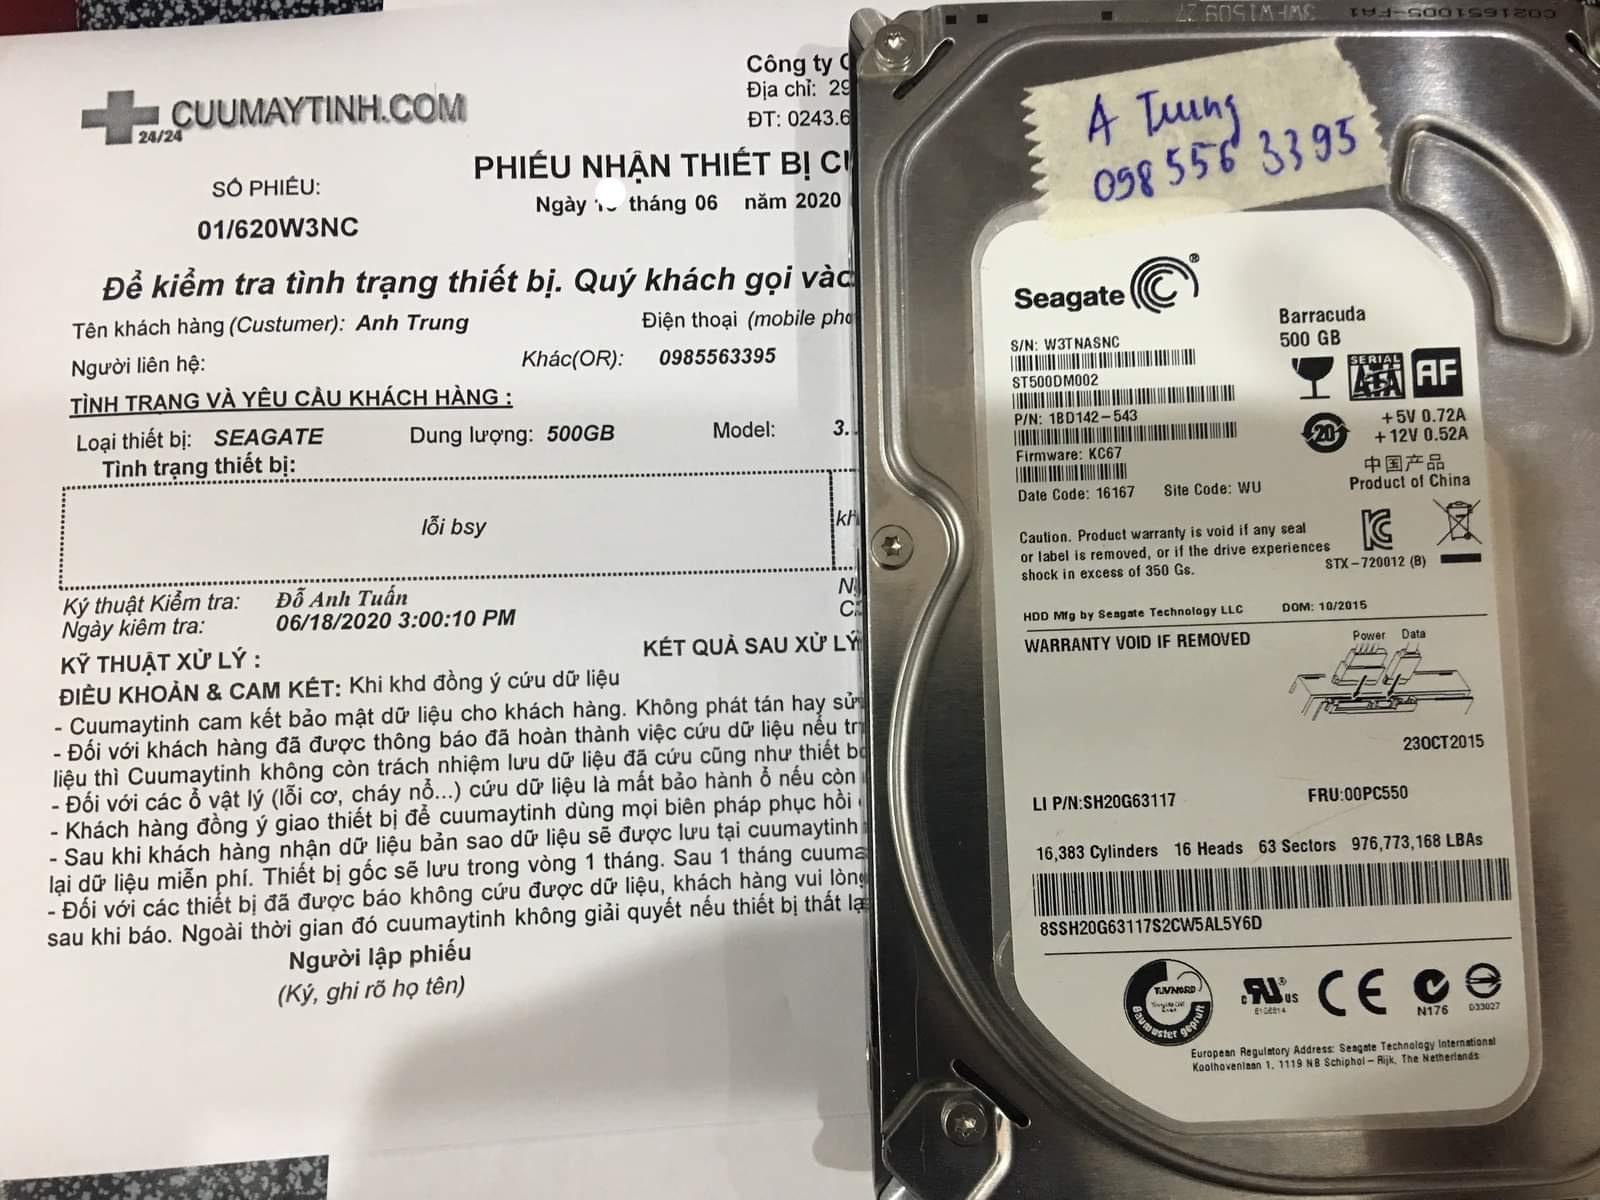 Lấy dữ liệu ổ cứng Seagate 500GB không nhận 19/06/2020 - cuumaytinh